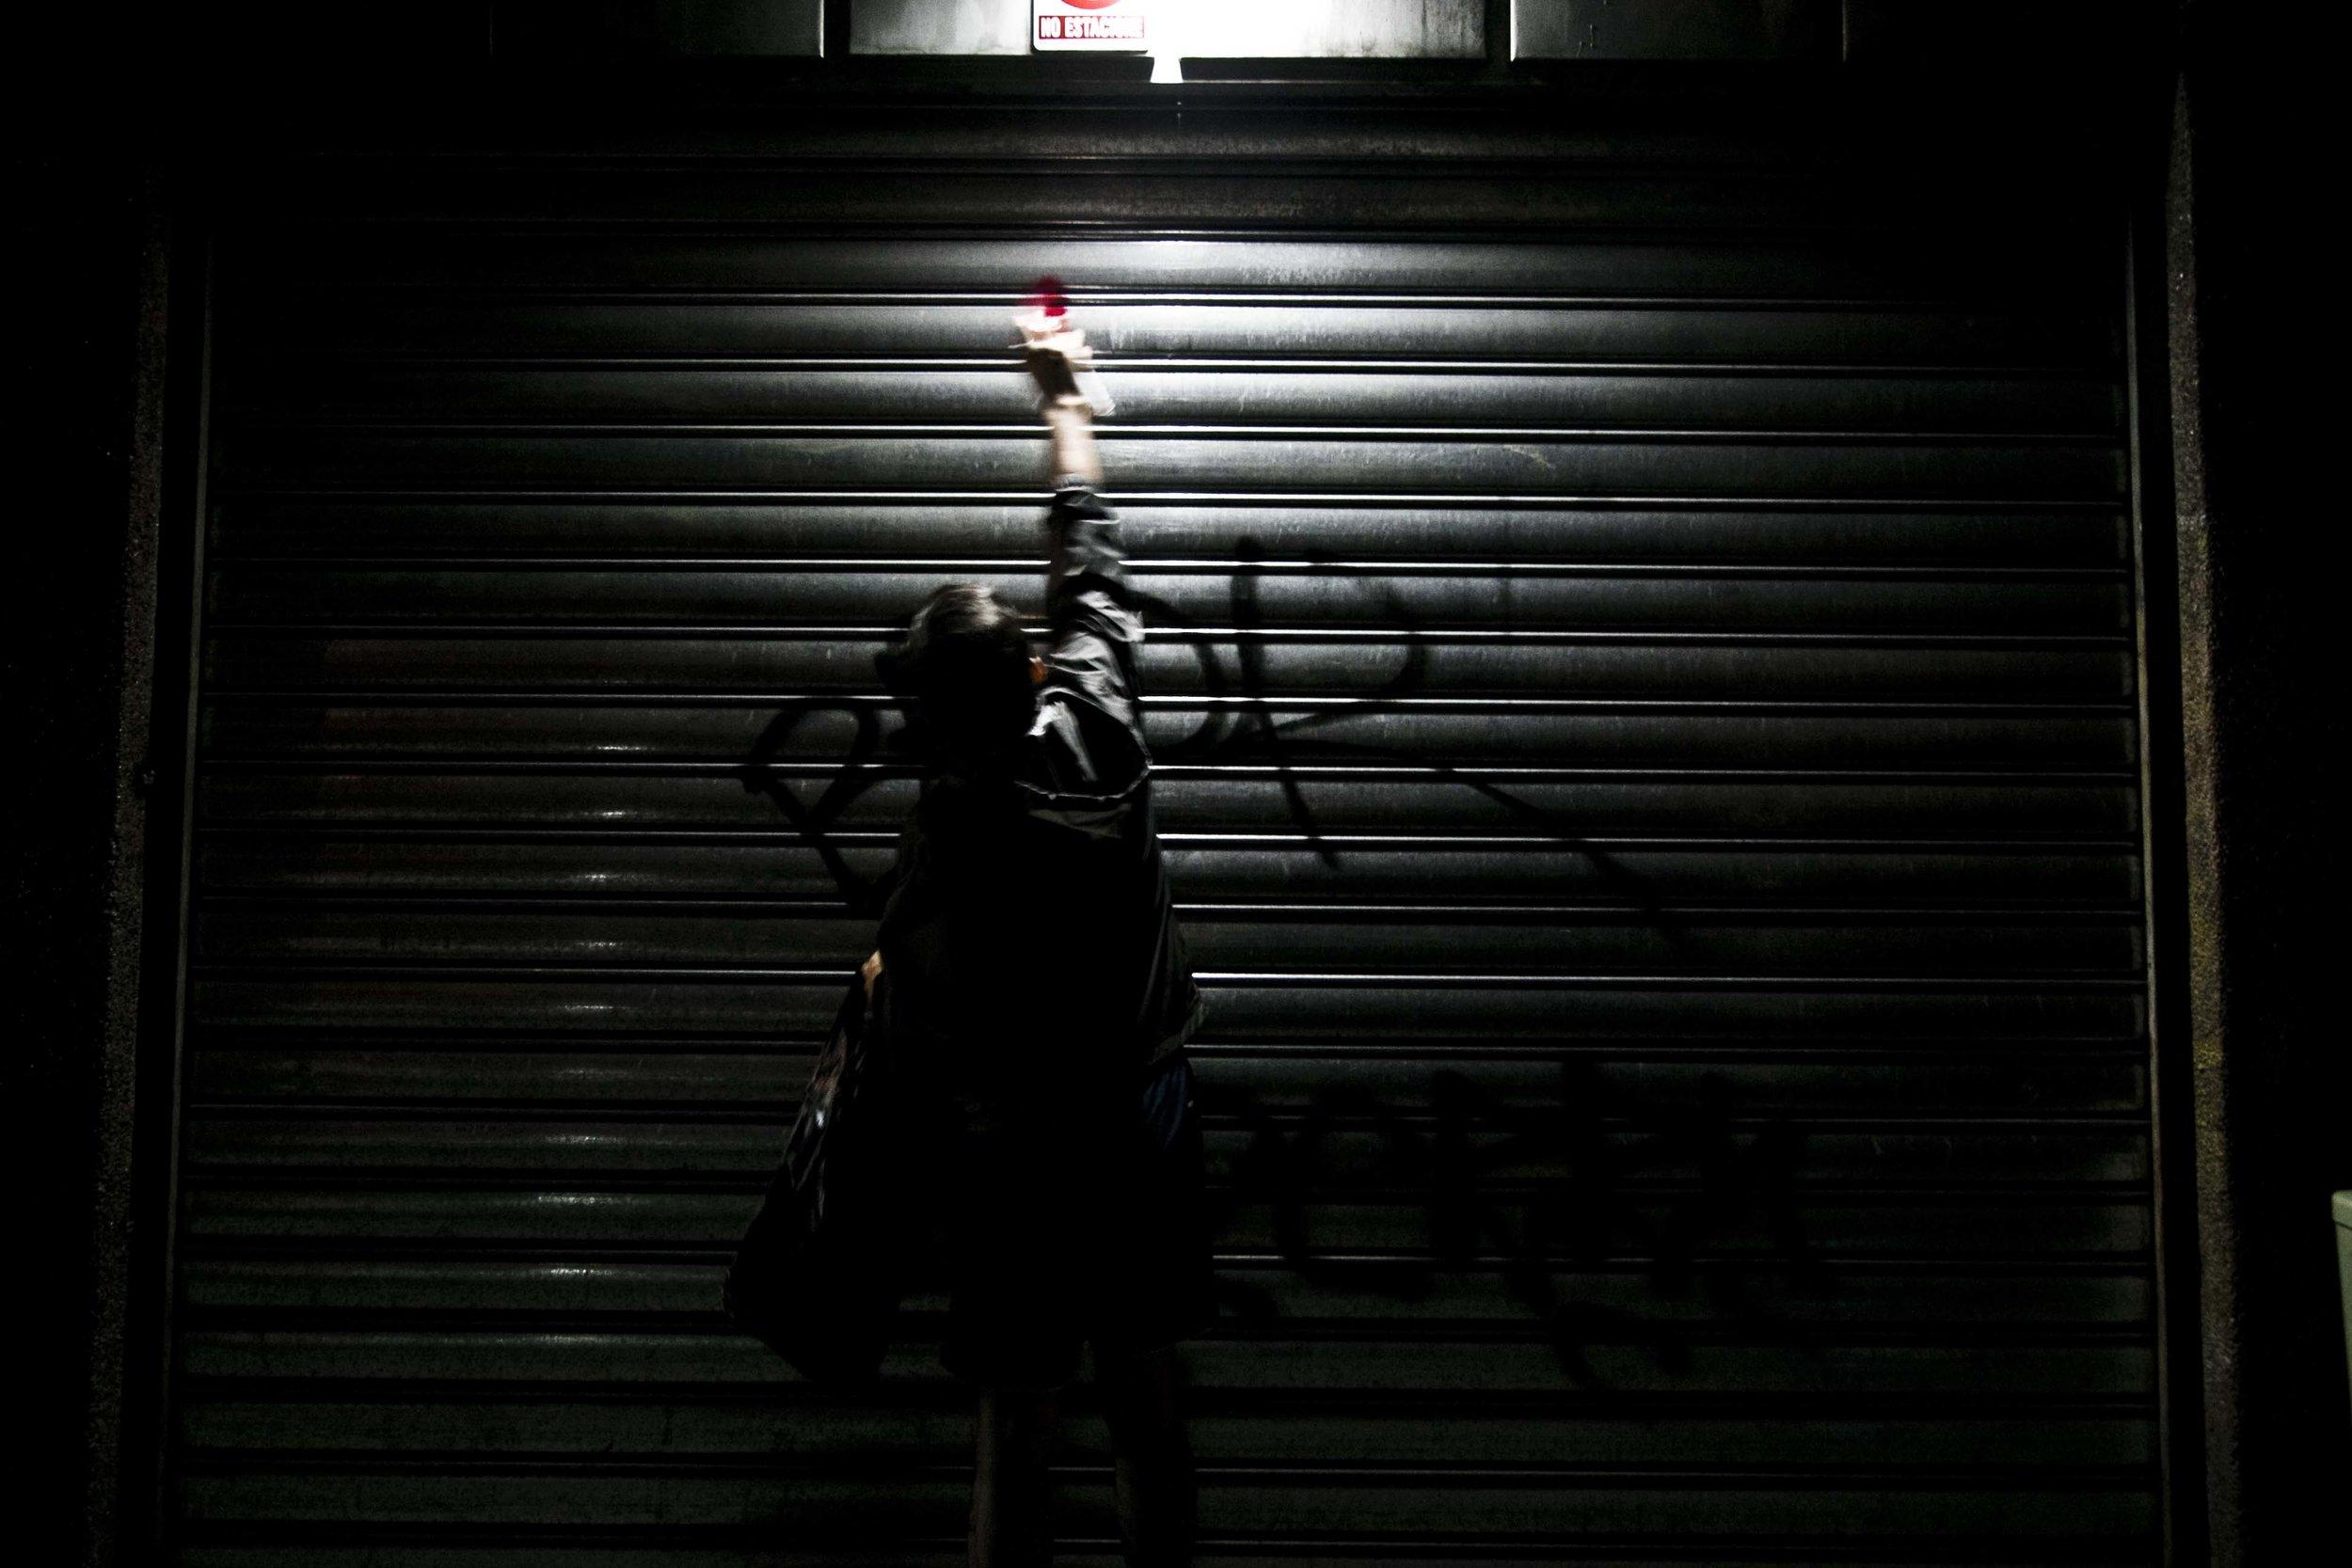 Loureiro_Caracas by Night_11.jpg